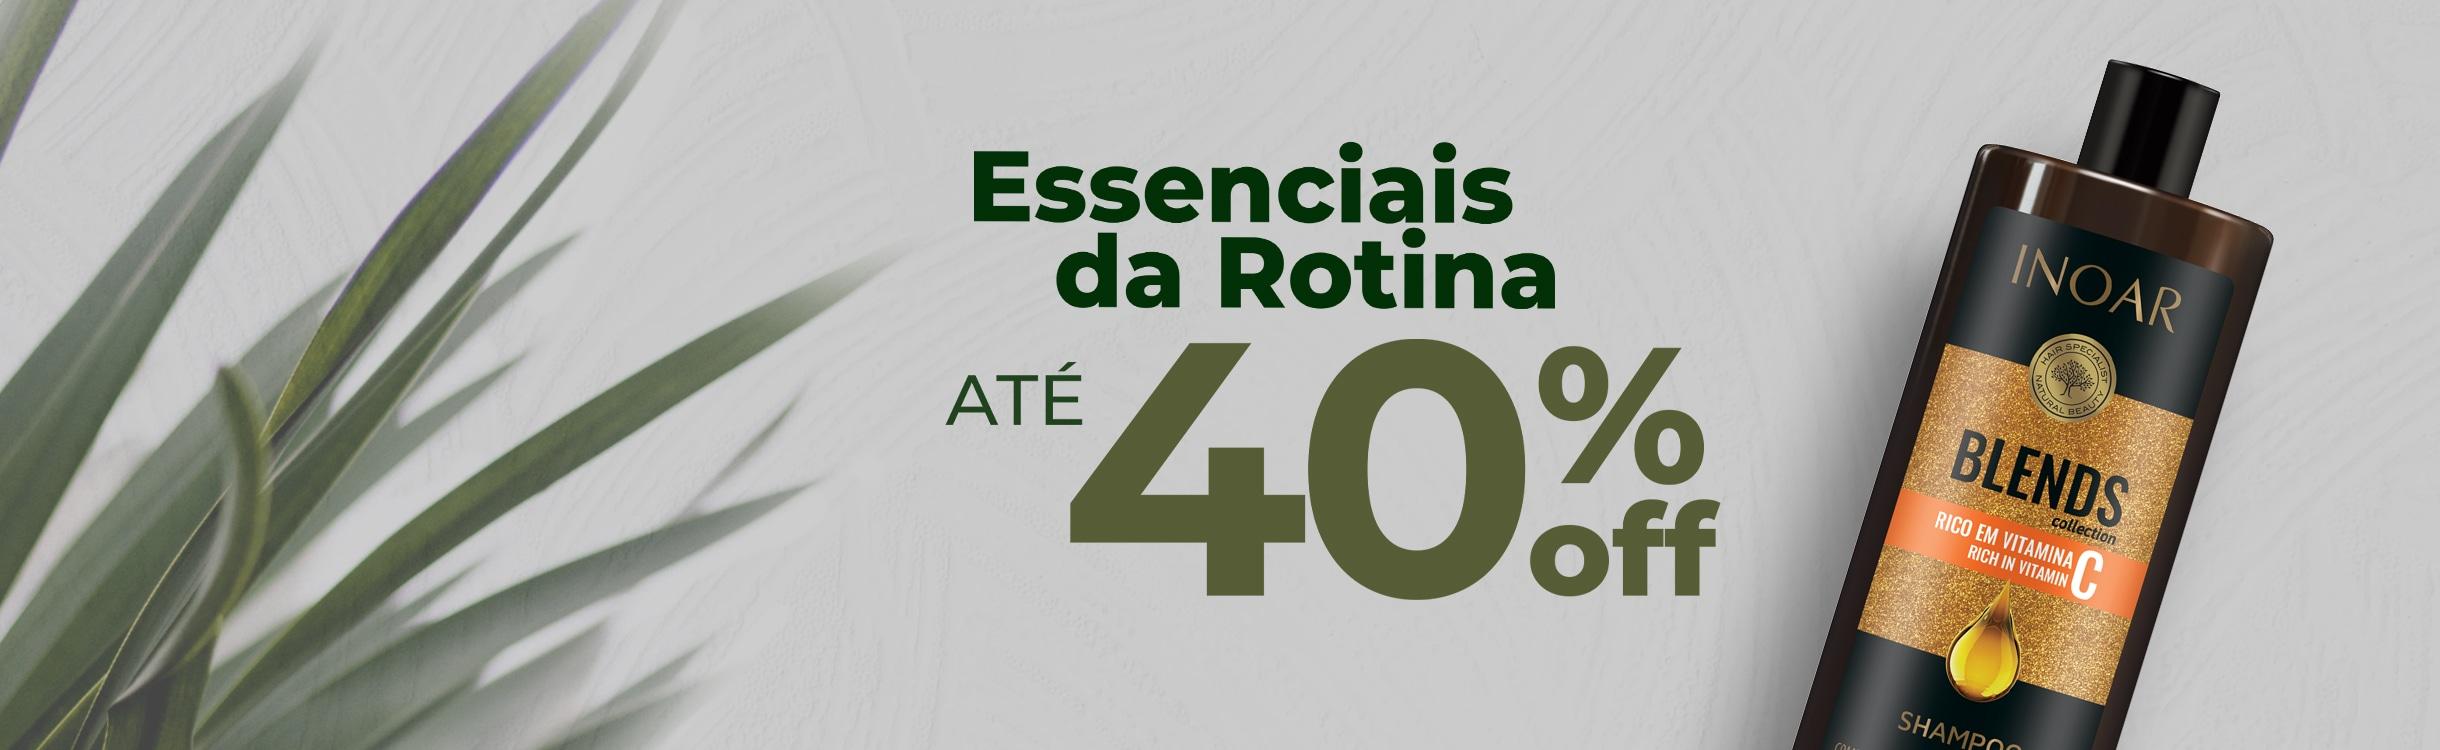 Essenciais da Rotina até 40%OFF